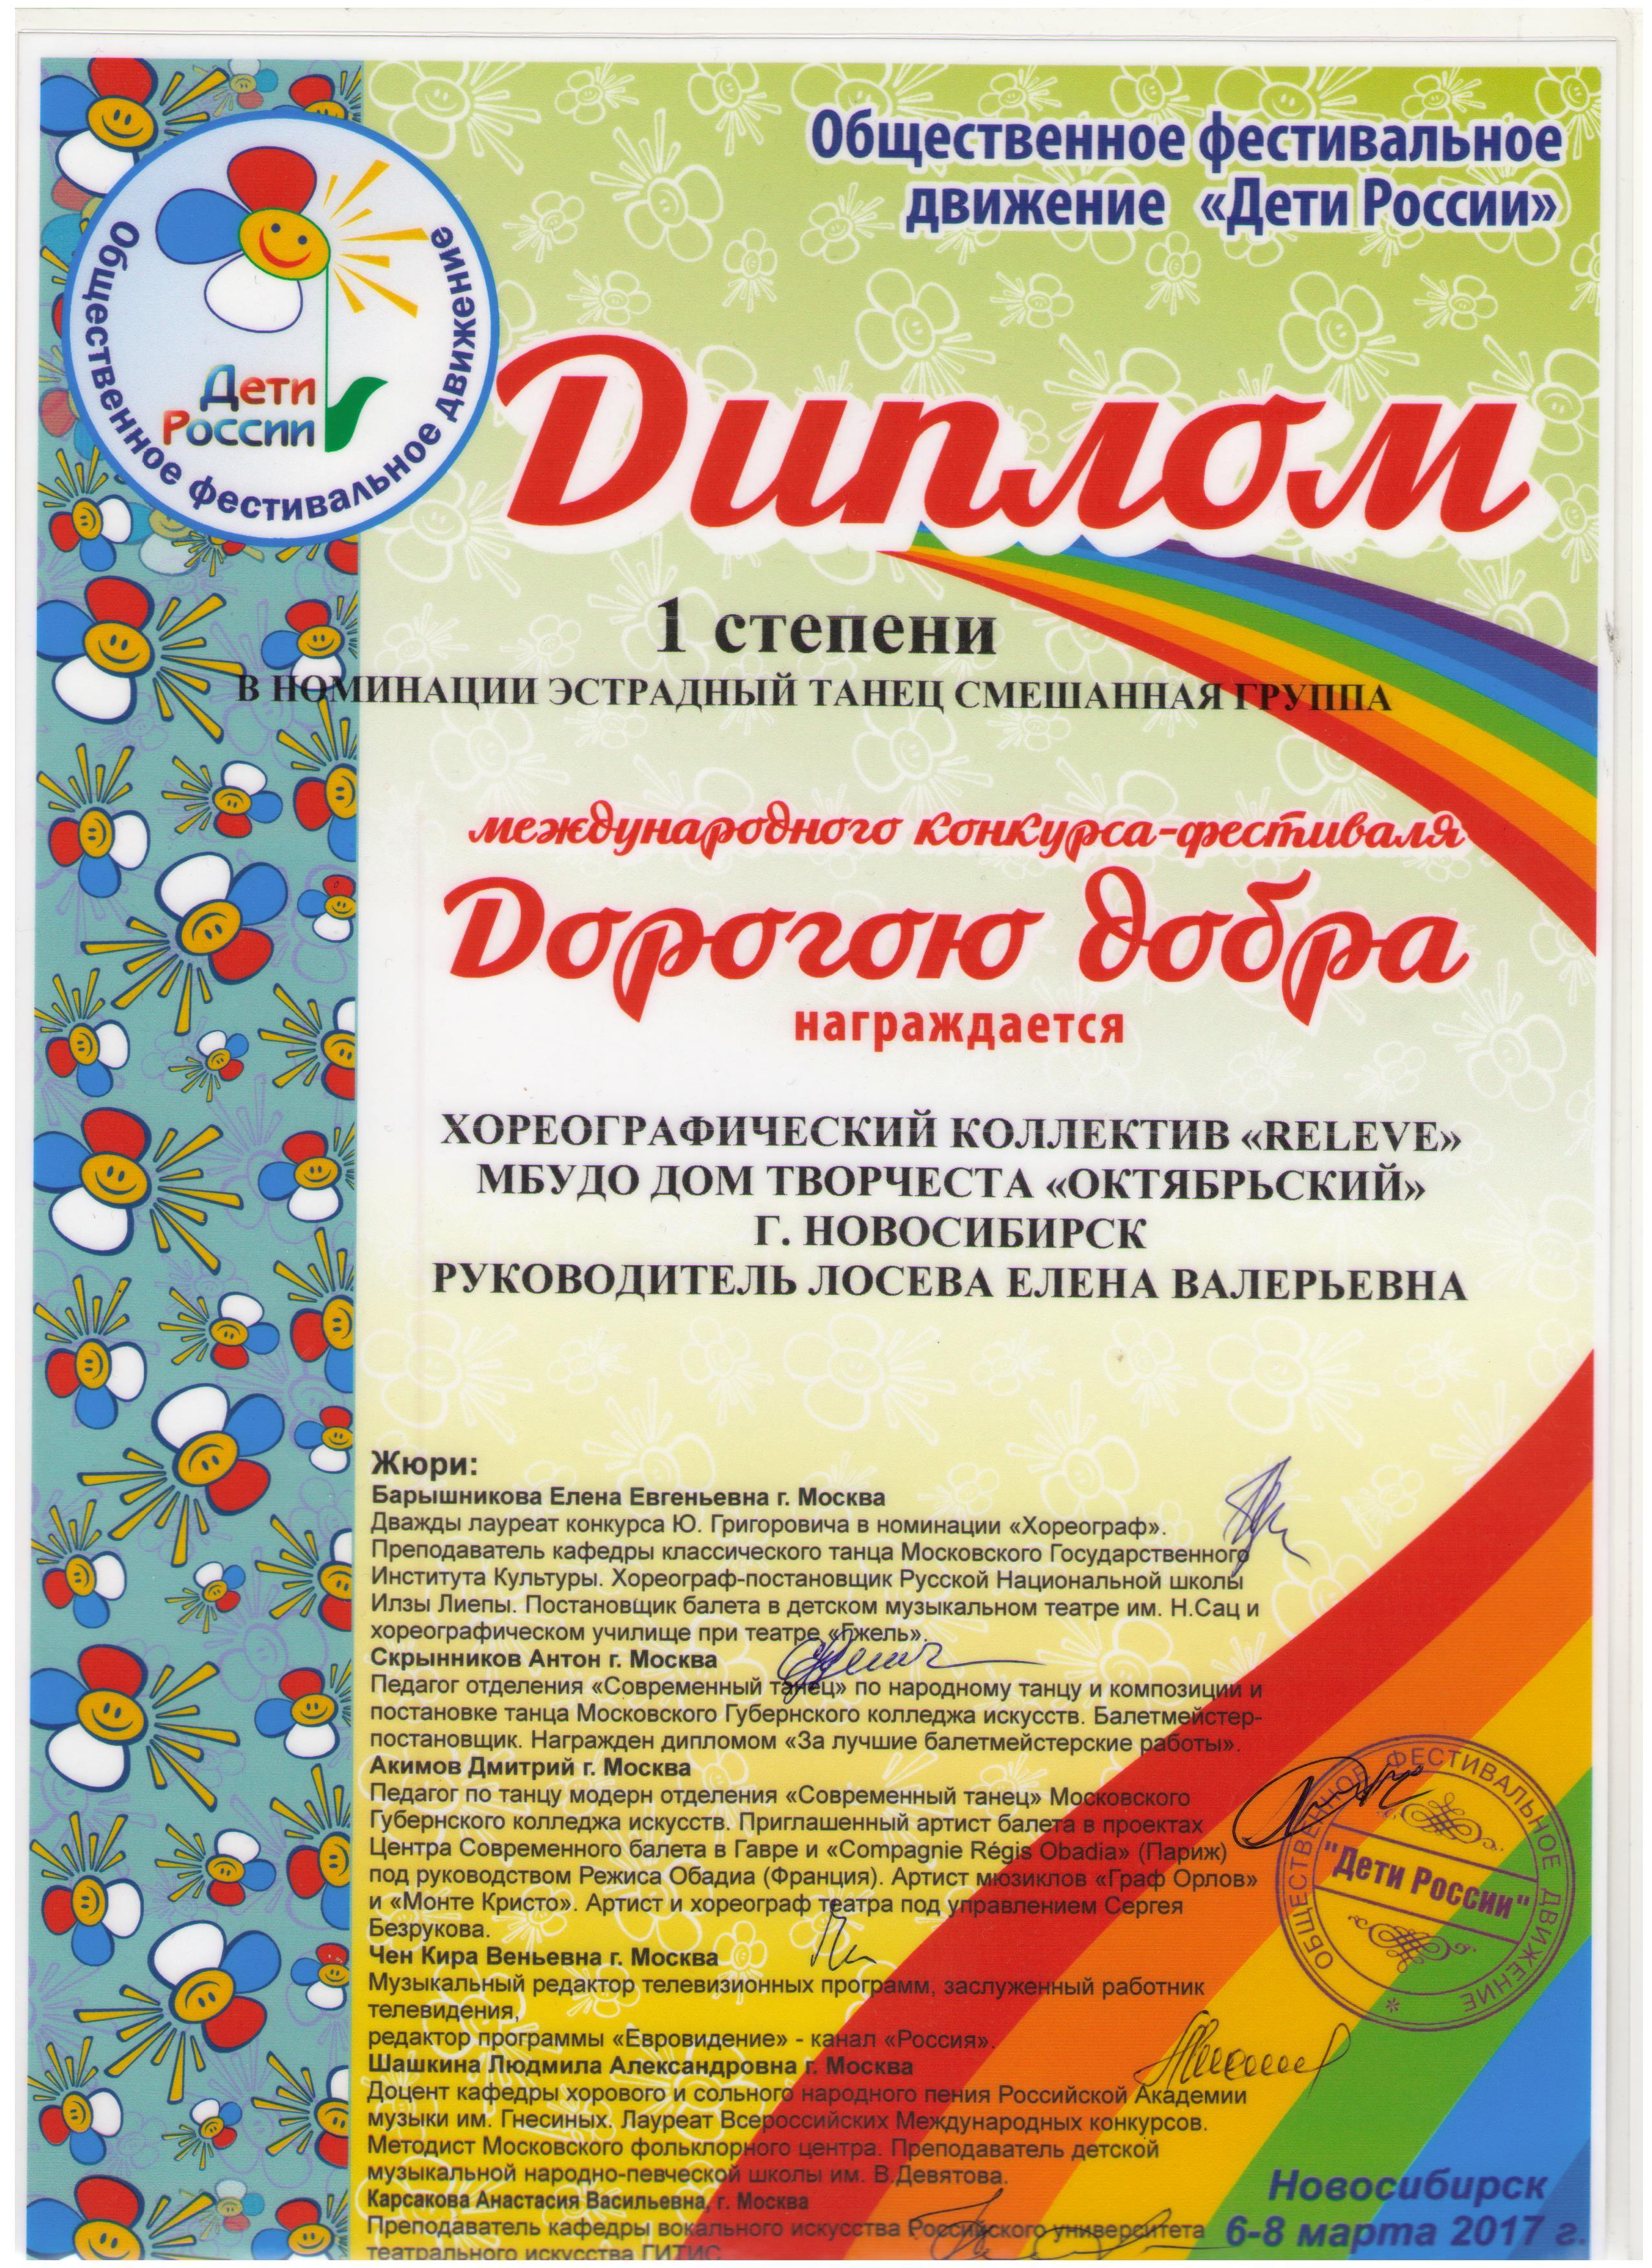 Diplom-1-stepeni_Dorogoyu-dobra_6.03.17-001